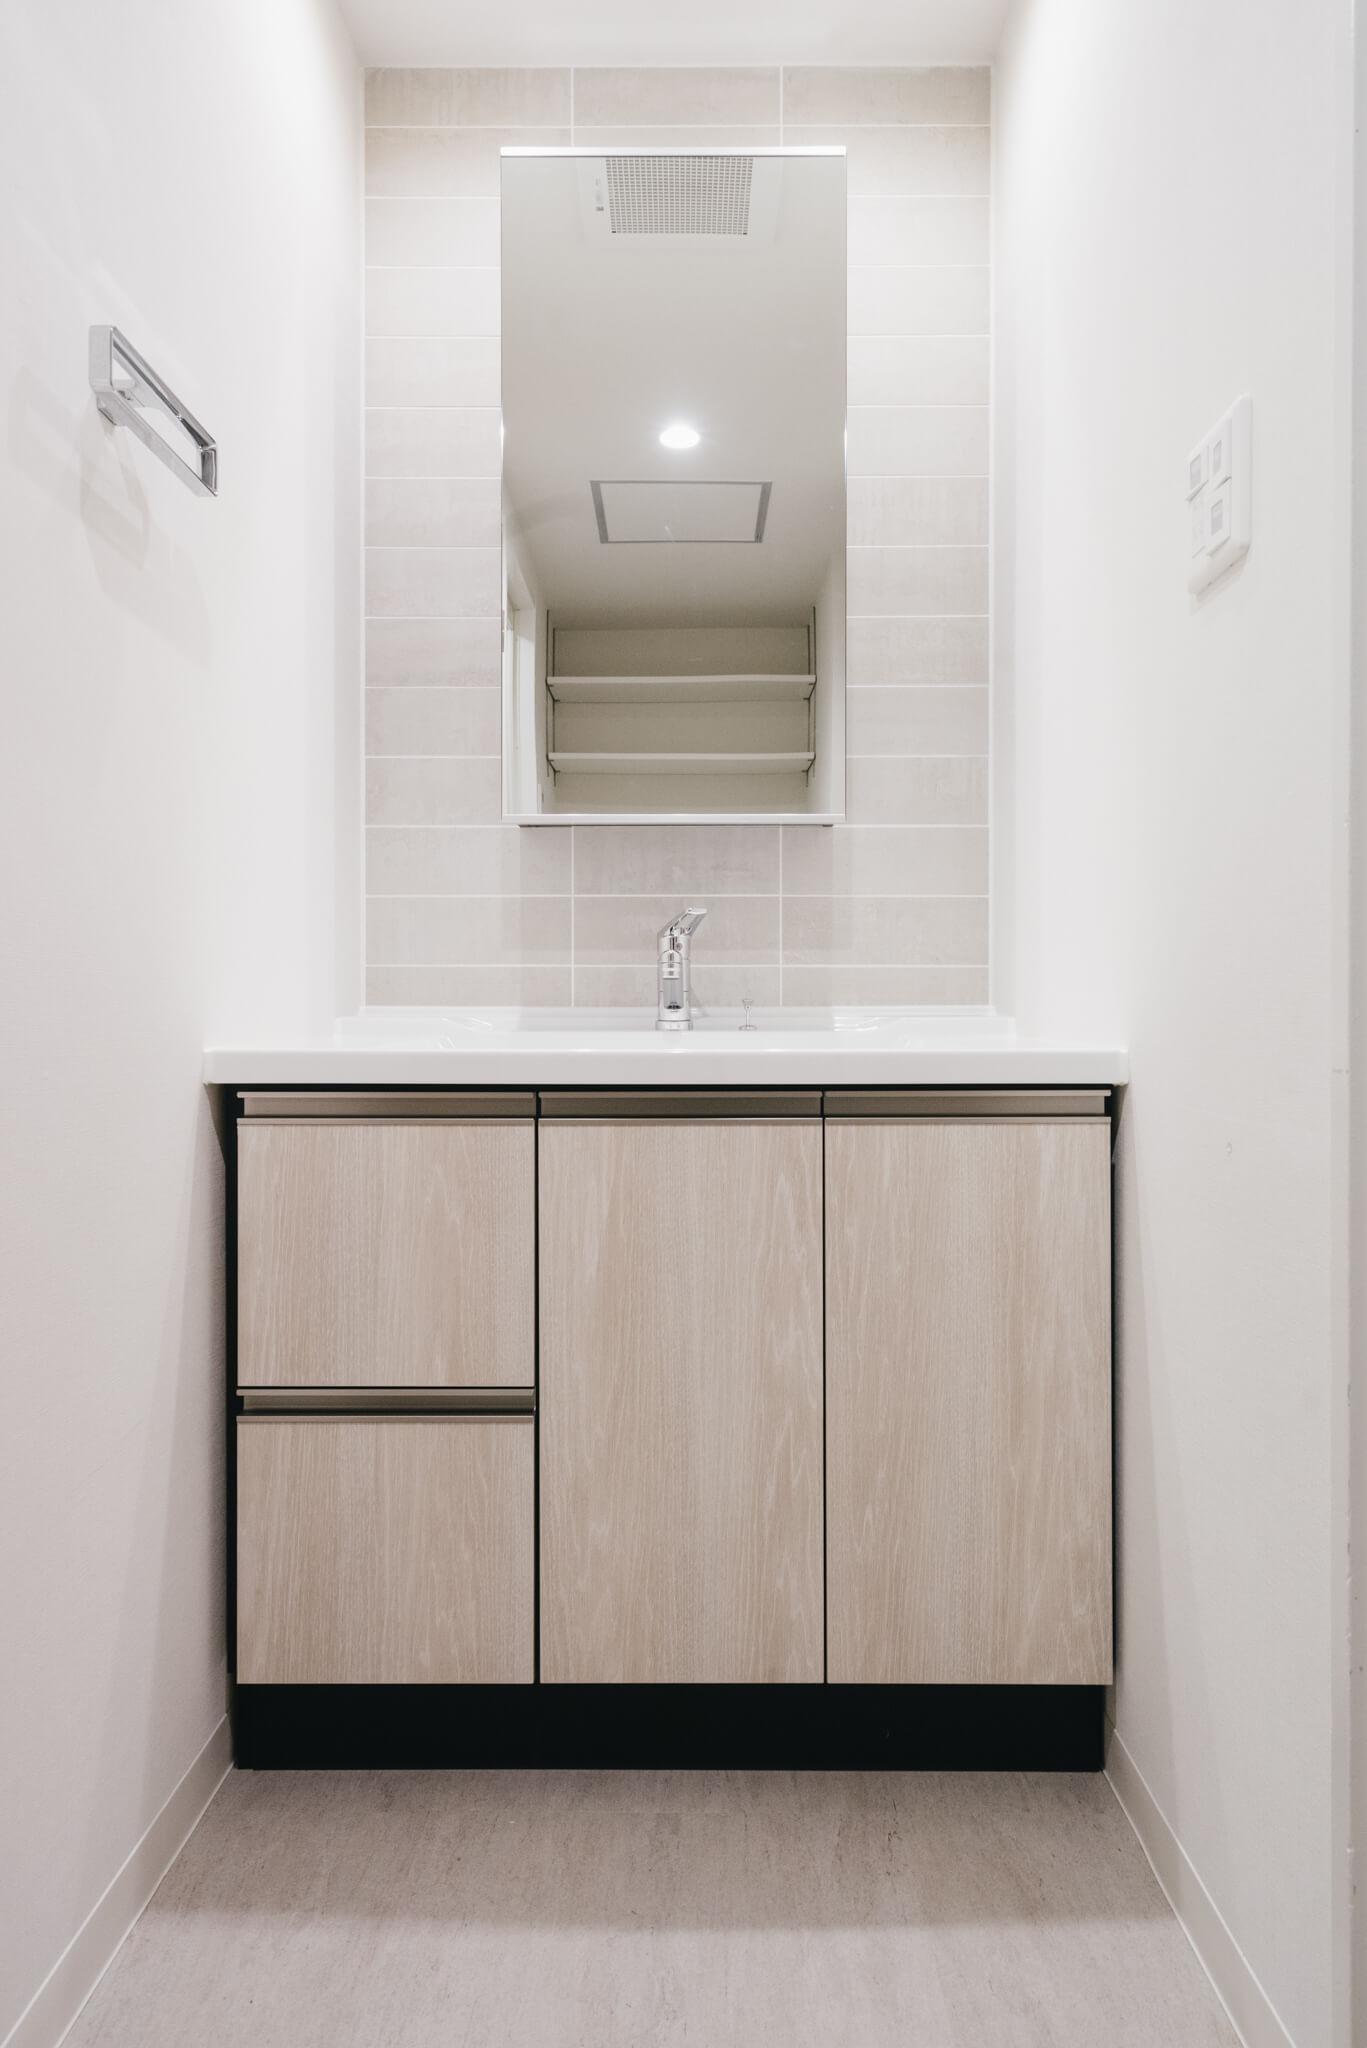 シンプルでスタイリッシュな洗面台。タイルはキッチンと同じものが使われていて、とても高級感があります。